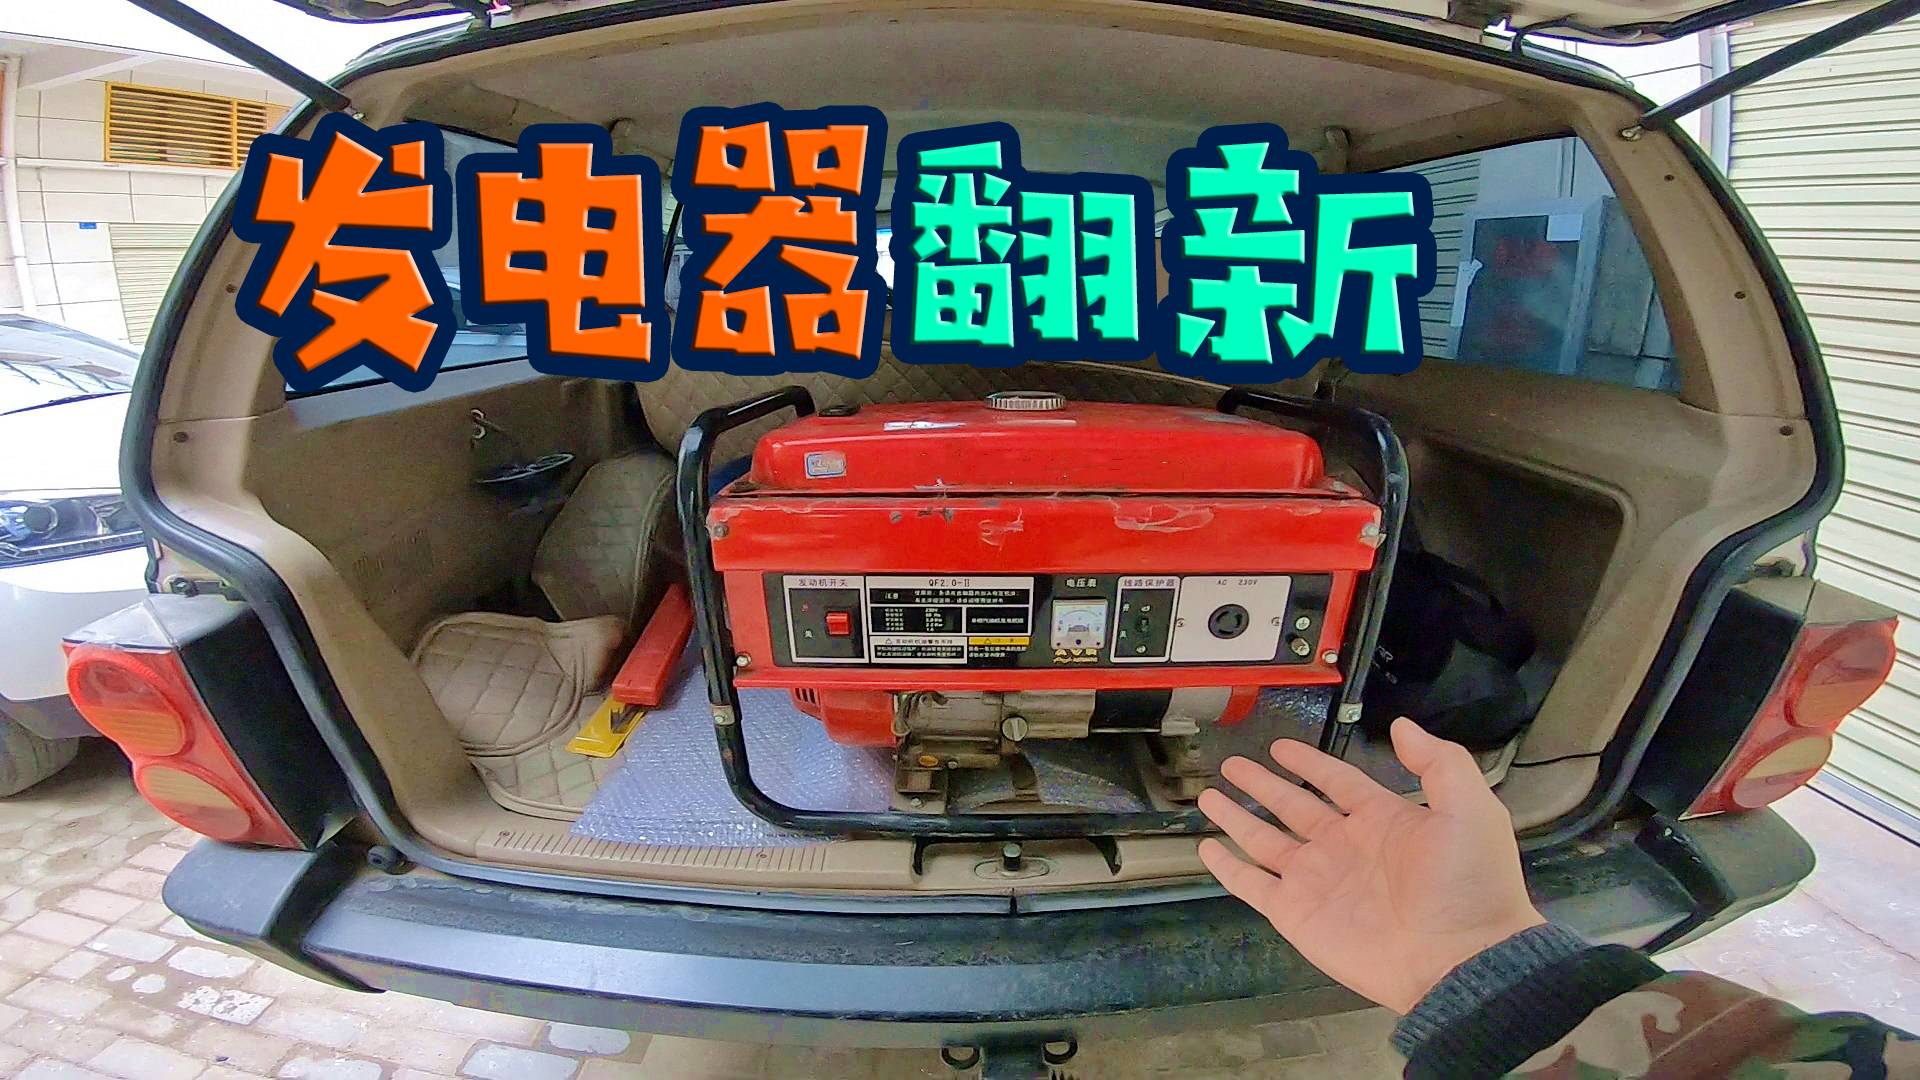 【撸车师兄】300块买台二手发电机,自己动手修好它!顺便清除发动机缸内积碳